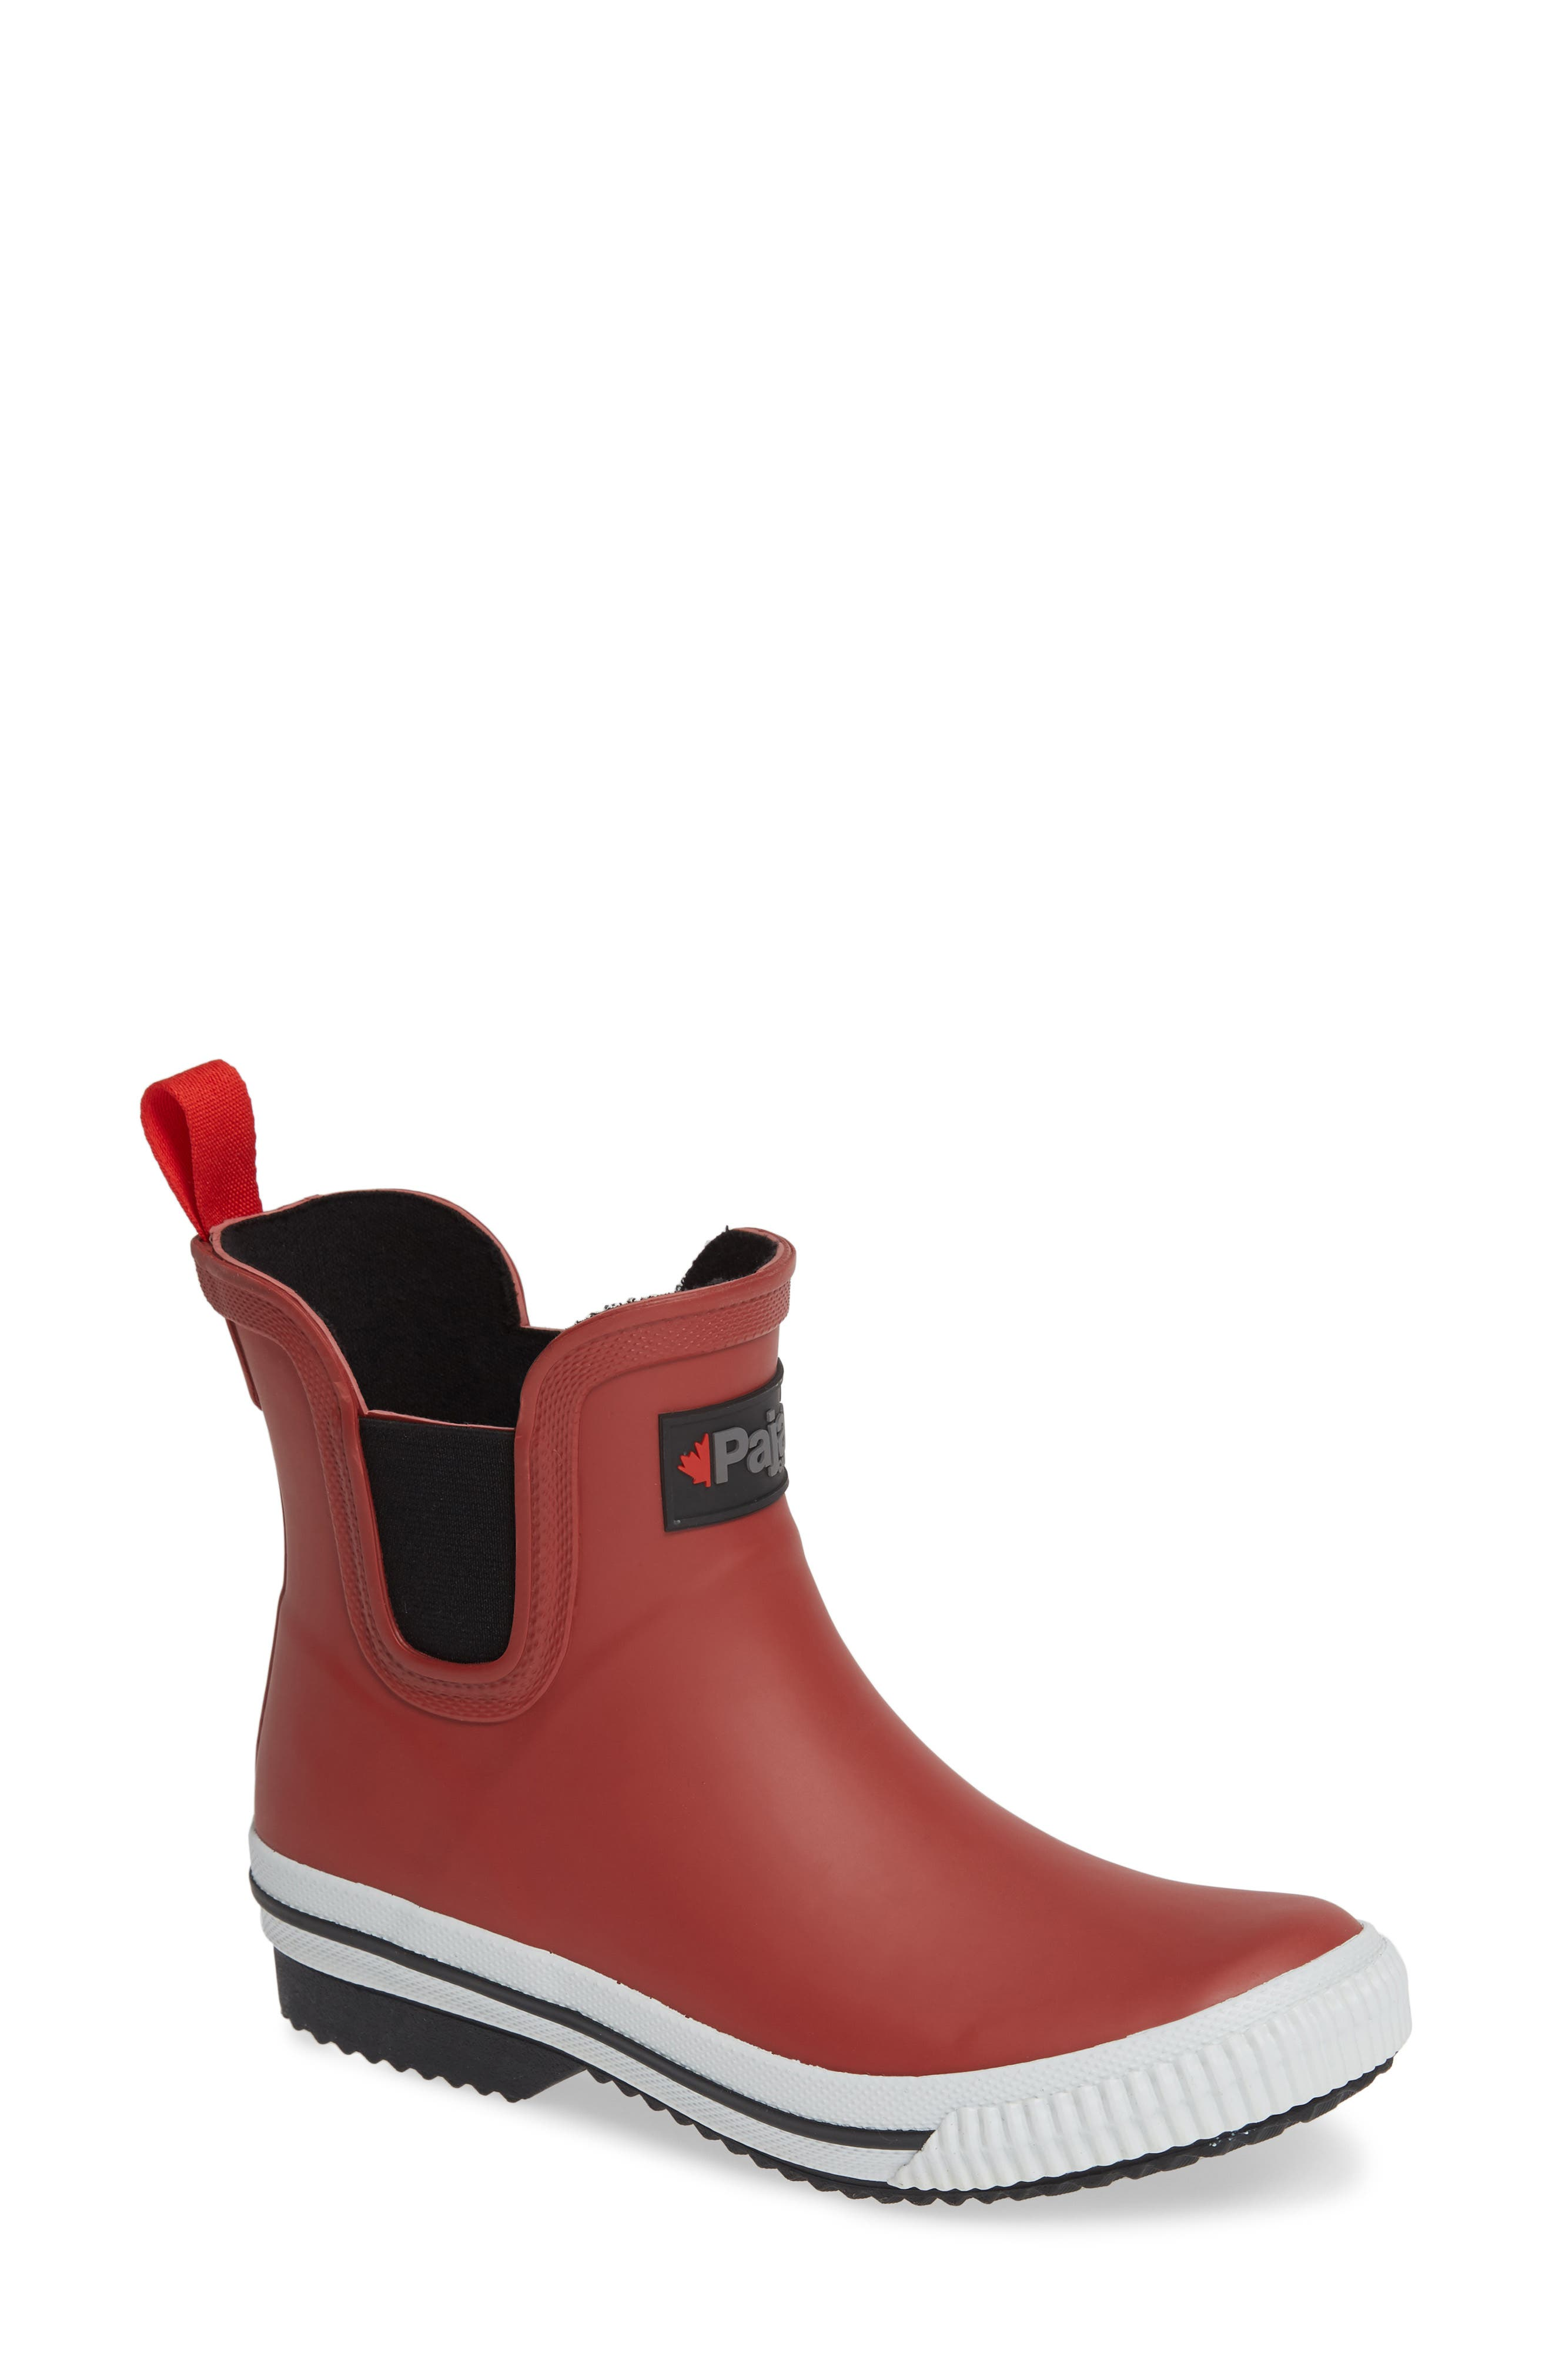 PAJAR Tina Waterproof Chelsea Rain Boot in Rust